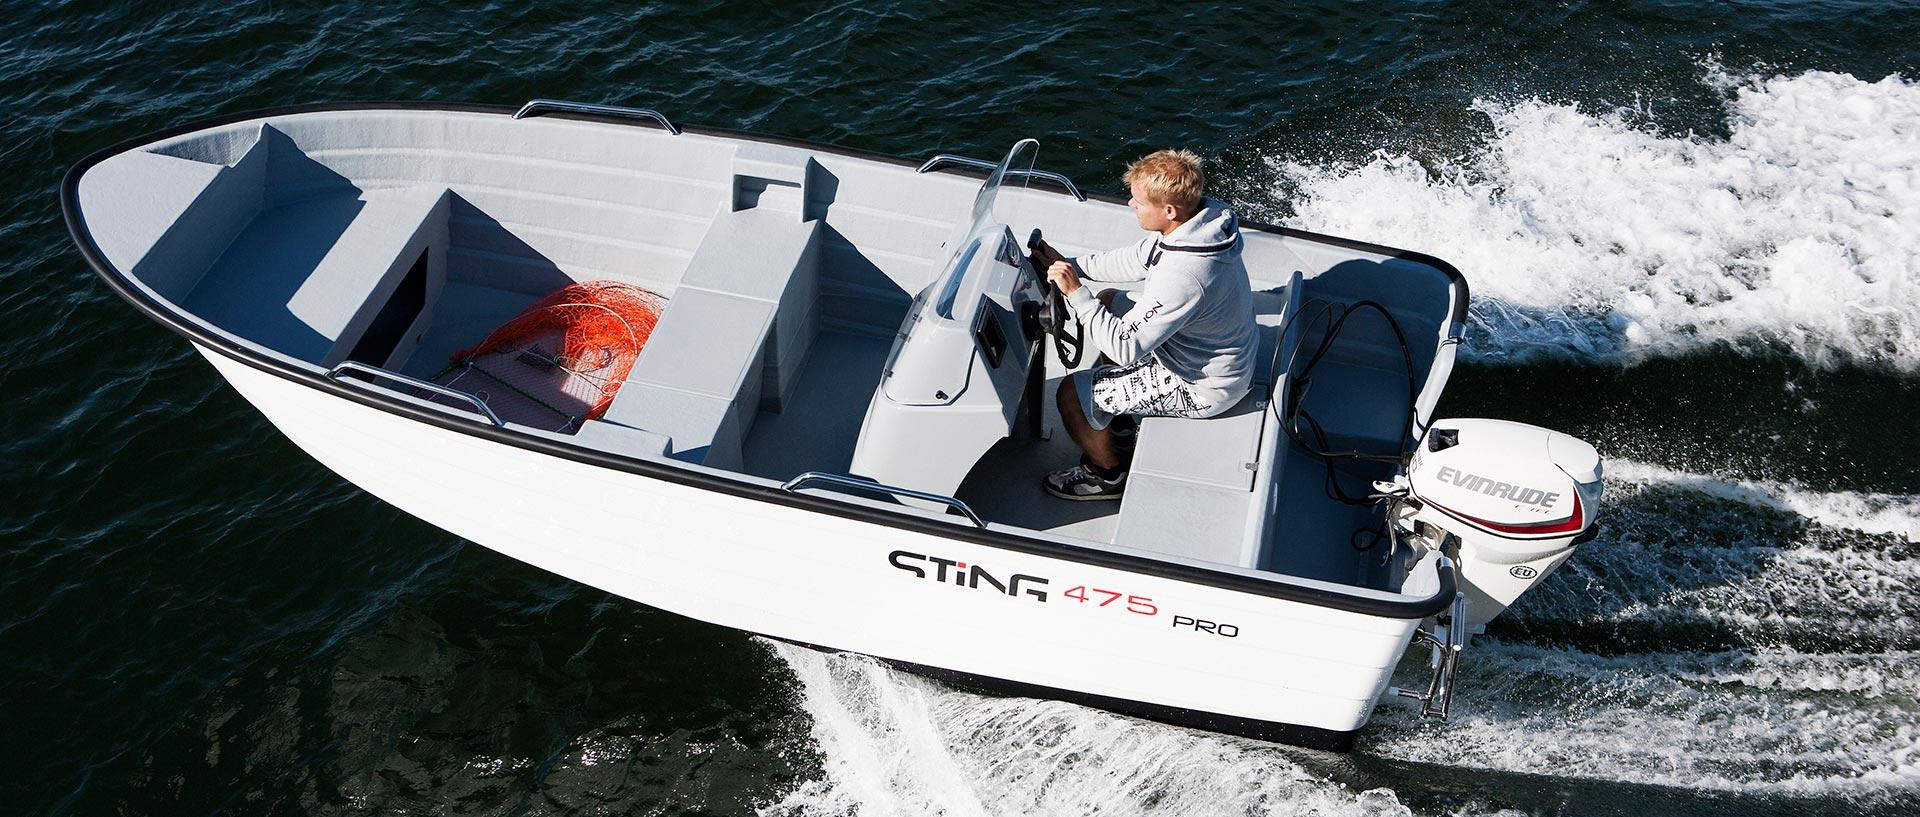 Pracovní motorový člun norské značky STiNG, 475 PRO